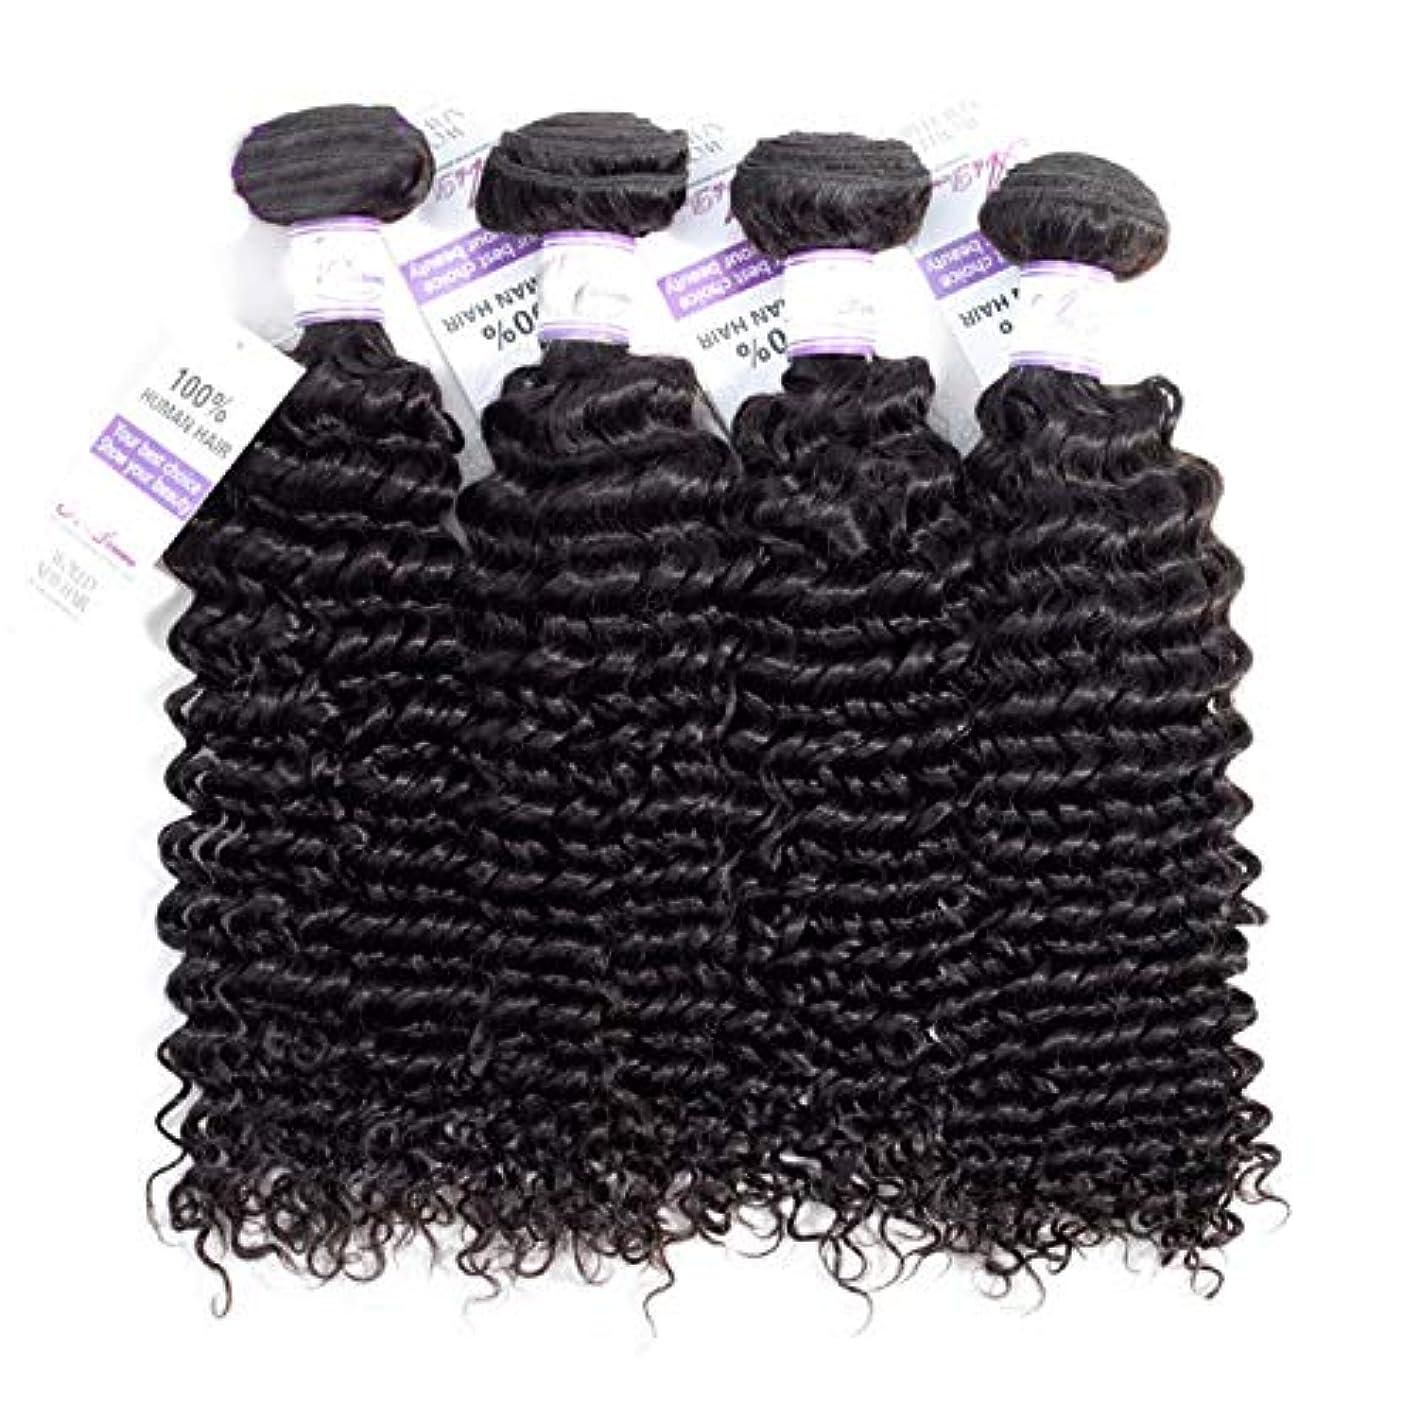 申し立てられた夢地域ブラジルのディープウェーブヘア織りバンドル100%人毛織りナチュラルカラー非レミー髪は4個購入することができます かつら (Stretched Length : 22 24 26 28 inches)